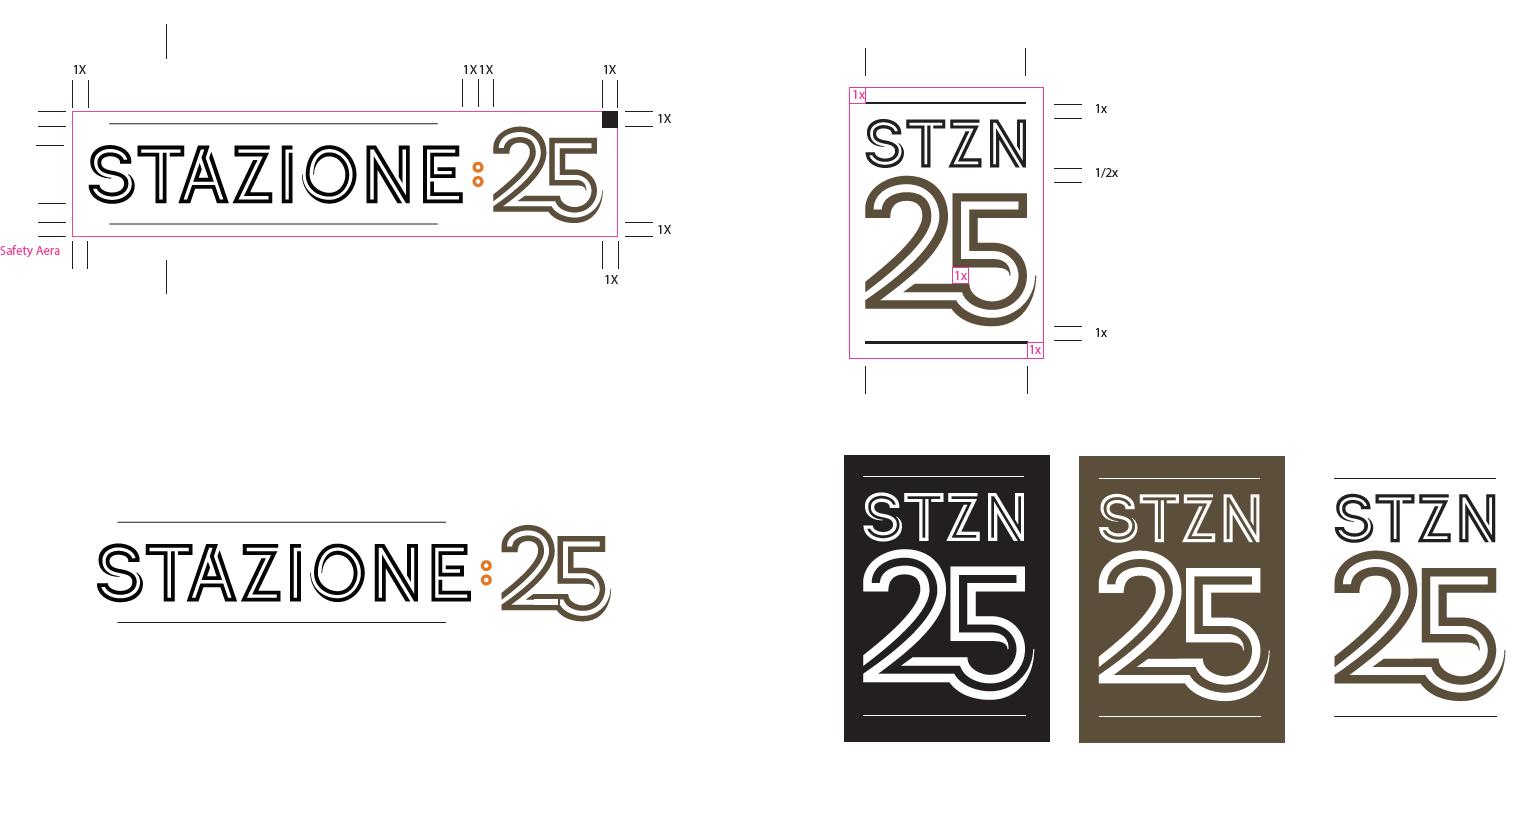 STZN25_2.PNG